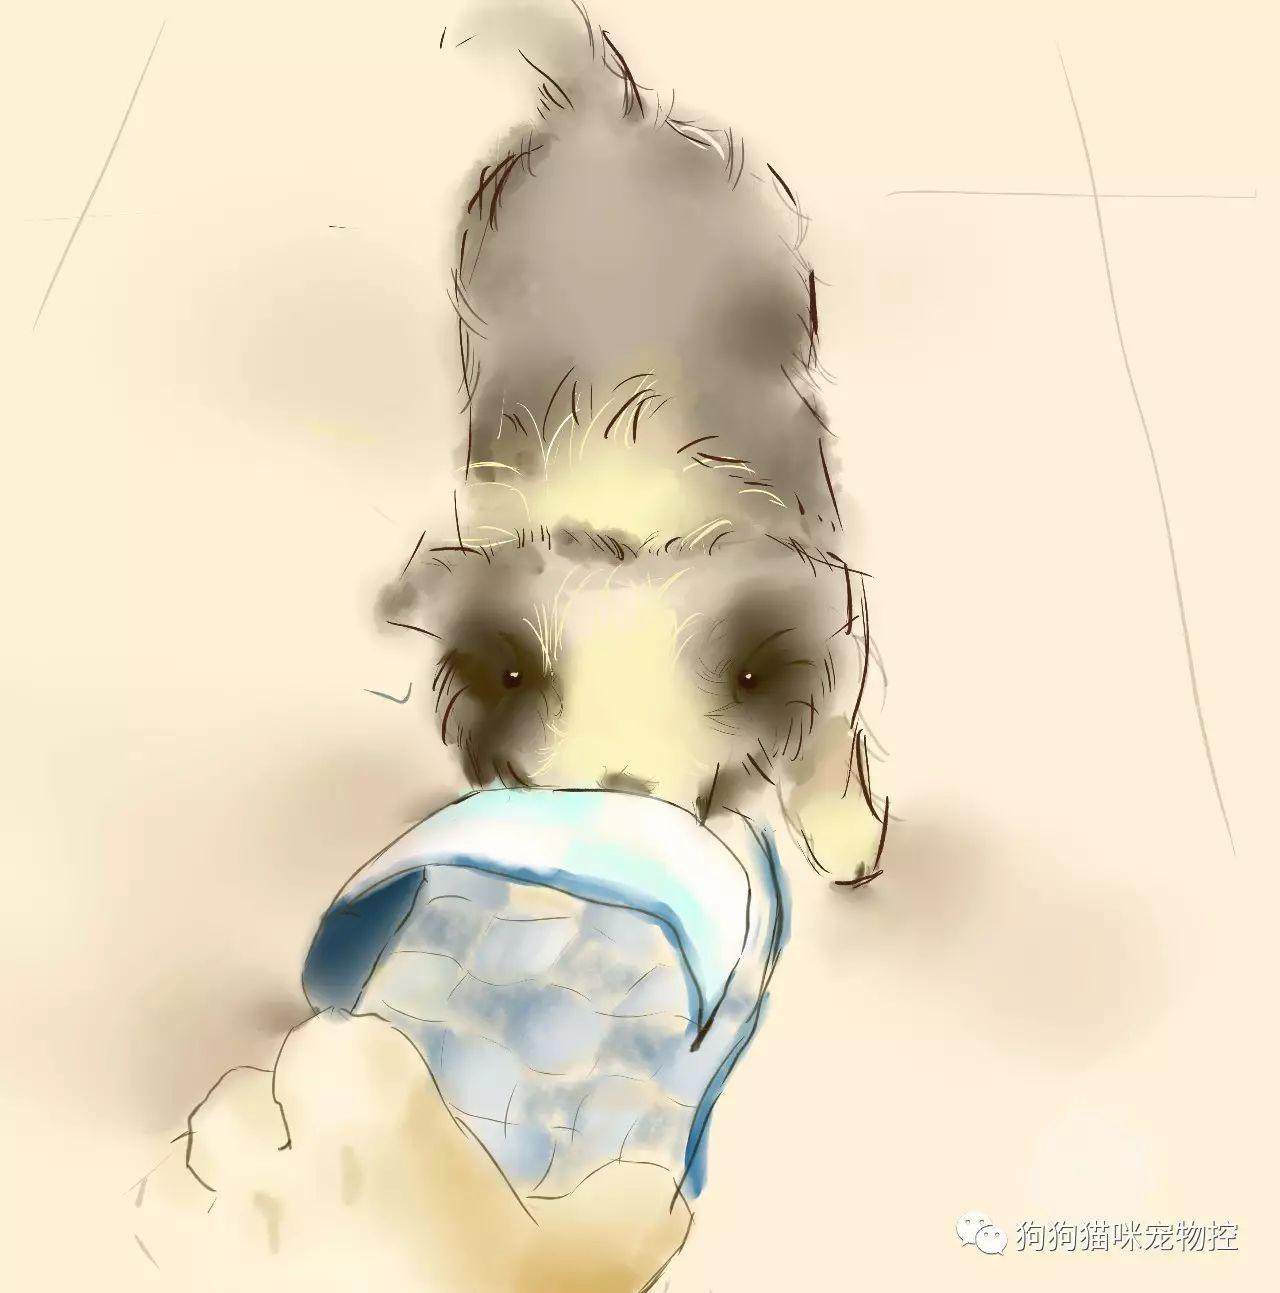 对狗掏心掏肺,等于自己买罪 - 后花园网文 - 趣味生活